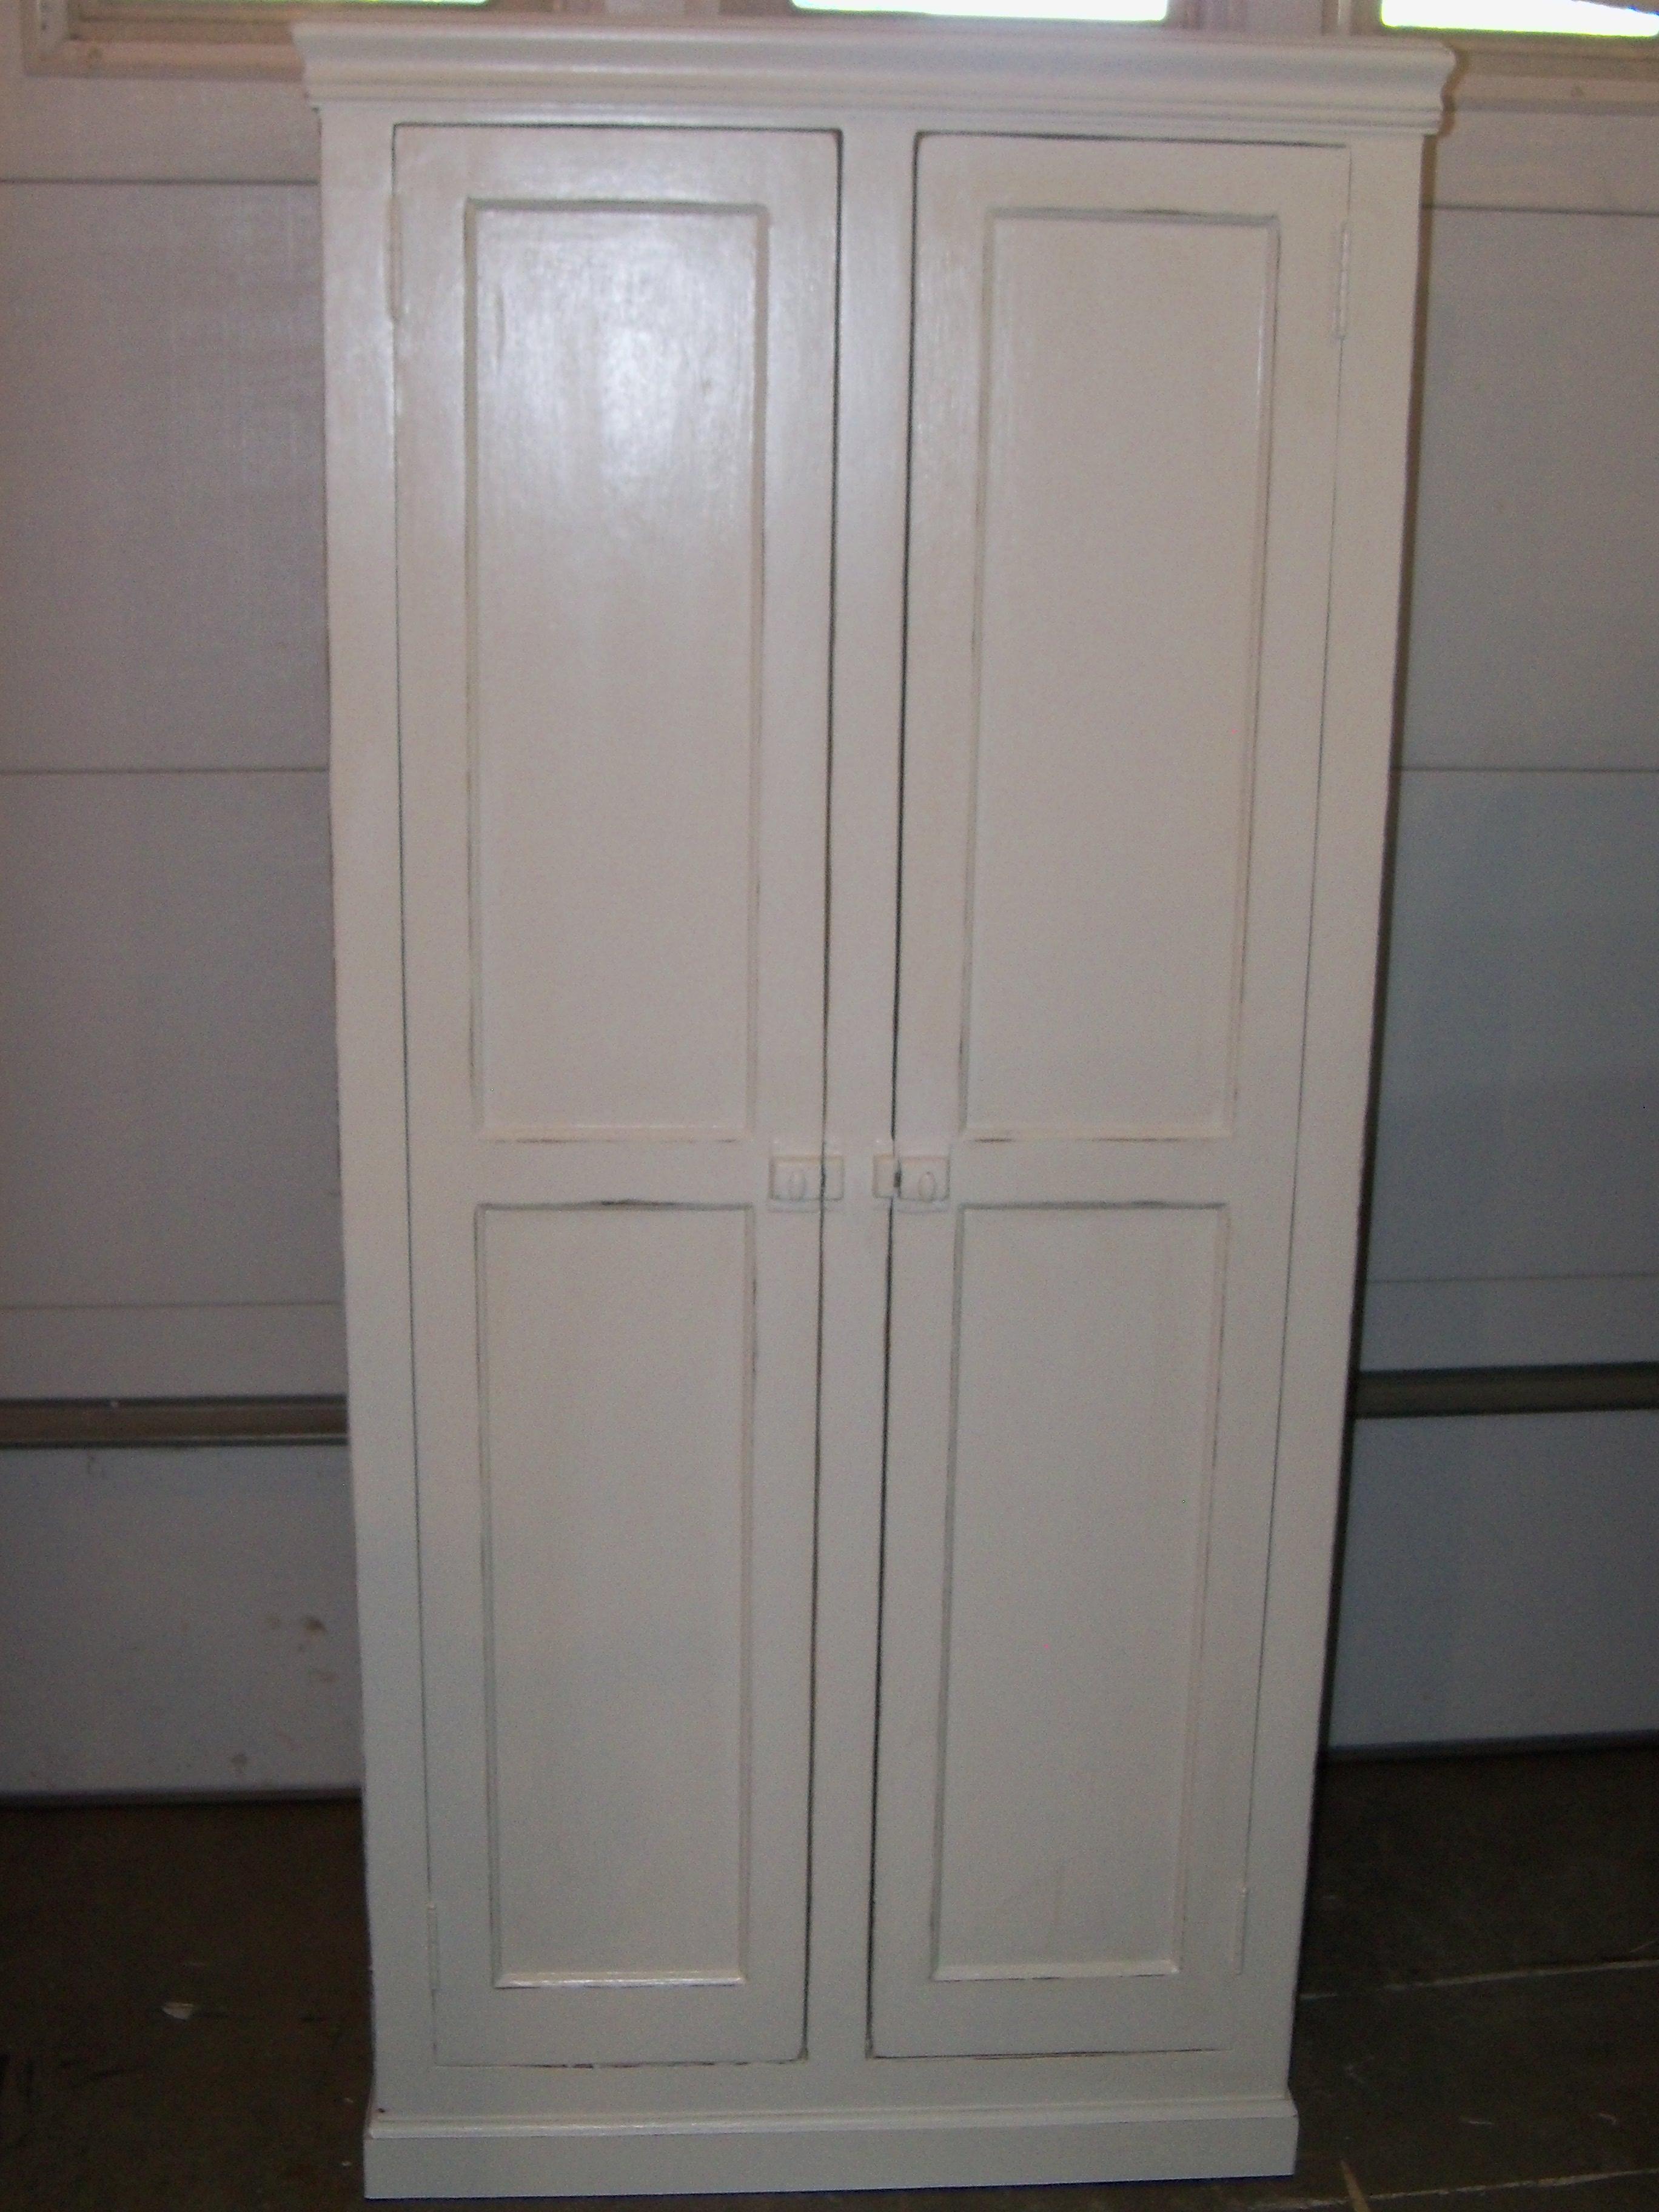 Tall 2 Door cabinet